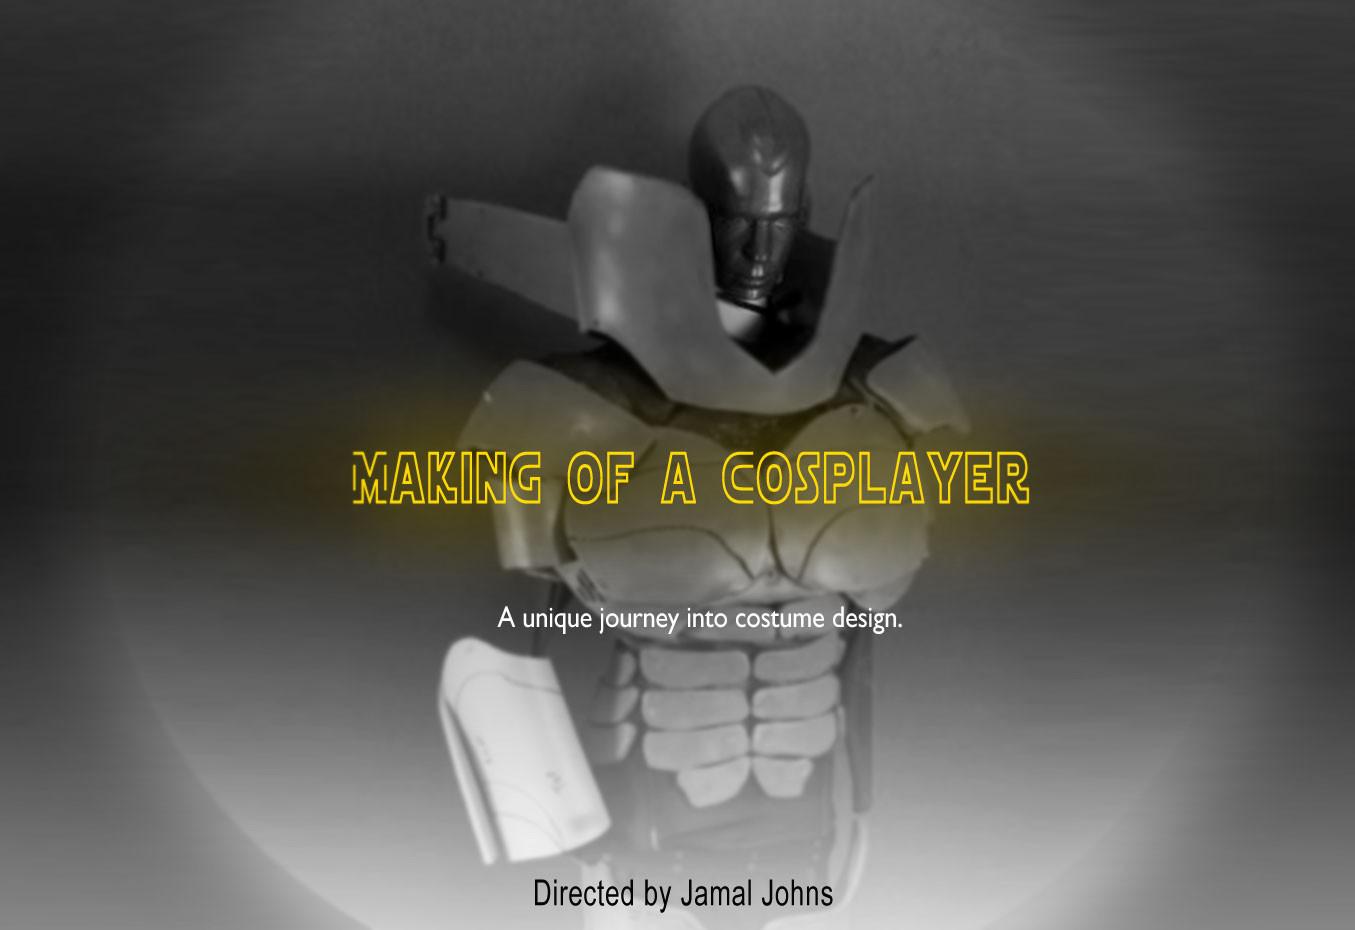 makingofacosplayer.jpg